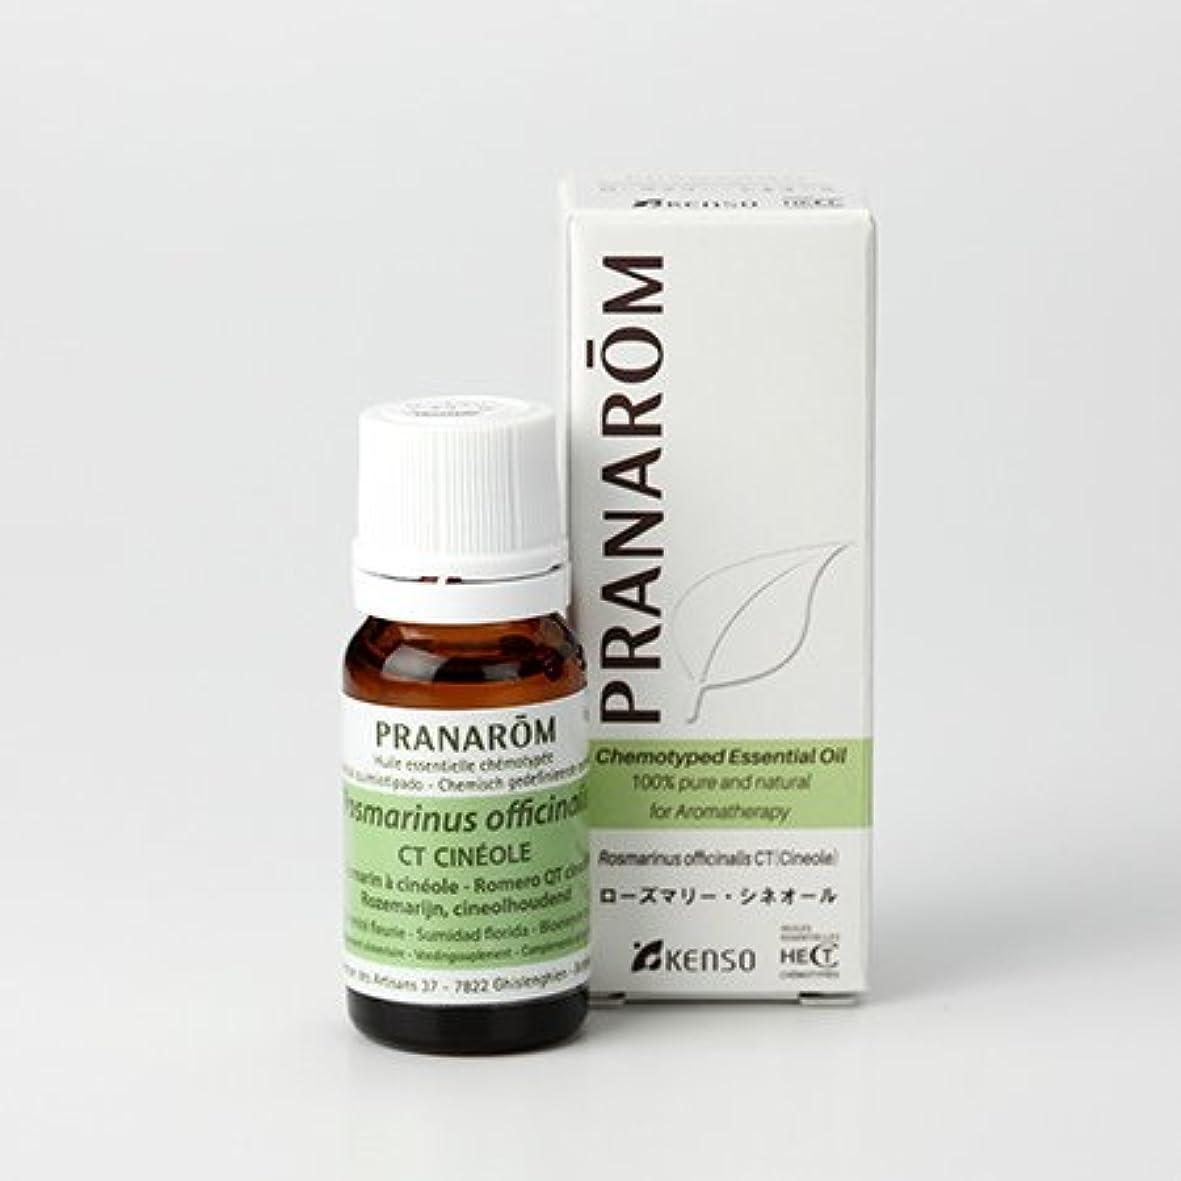 リルスポークスマン囲いプラナロム ローズマリーシネオール 10ml (PRANAROM ケモタイプ精油)